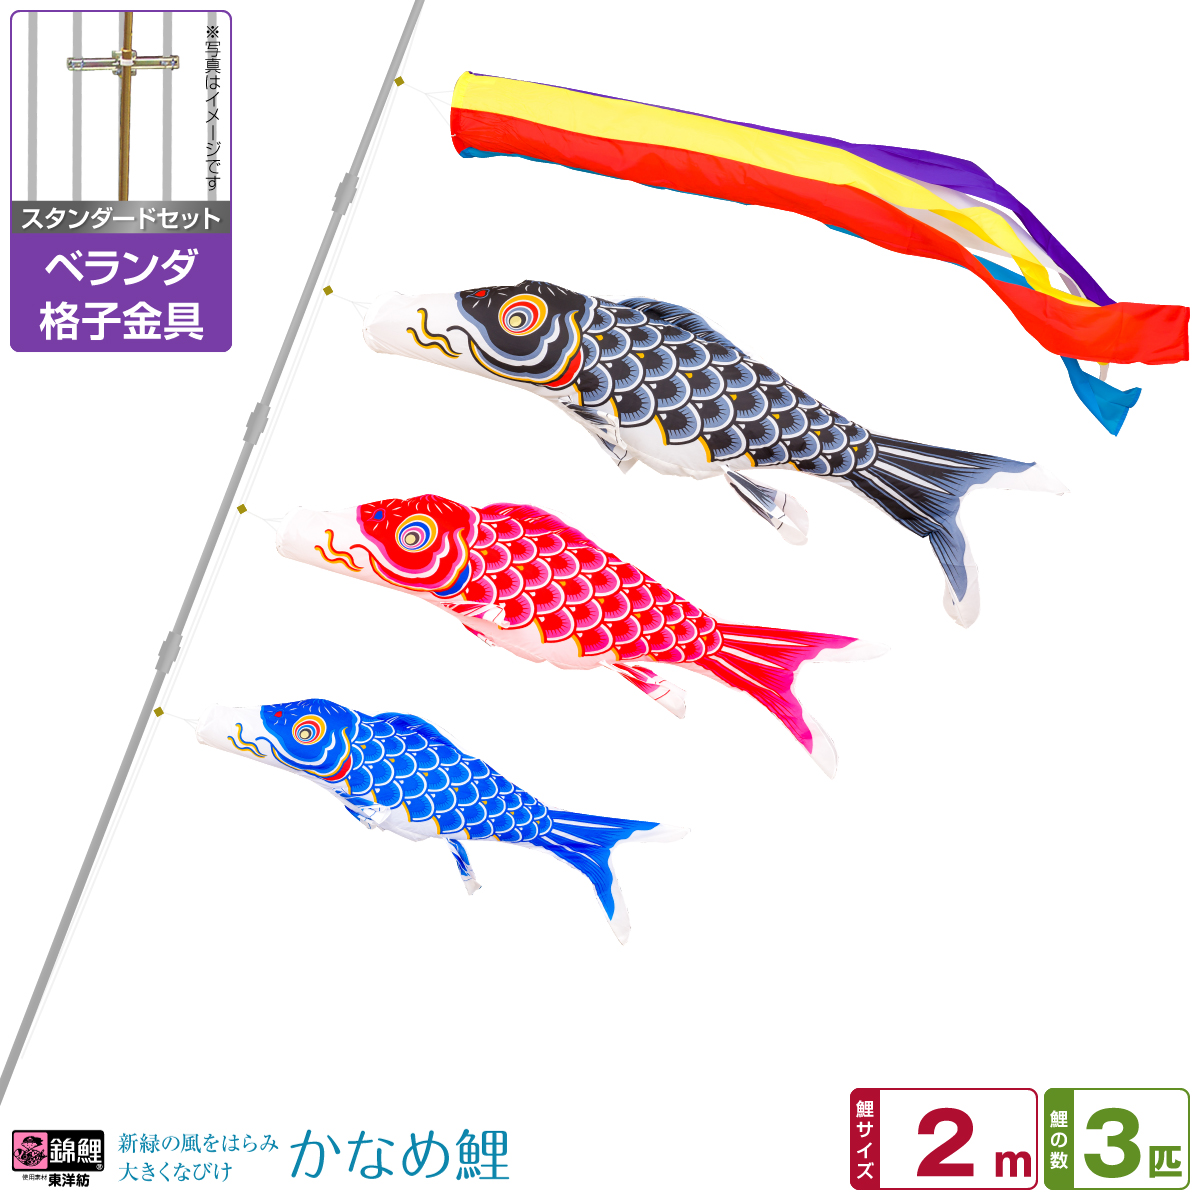 ベランダ用 こいのぼり 鯉のぼり 錦鯉 新緑の風になびく かなめ鯉 2m 6点(吹流し+鯉3匹+矢車+ロープ)/スタンダードセット(格子金具)